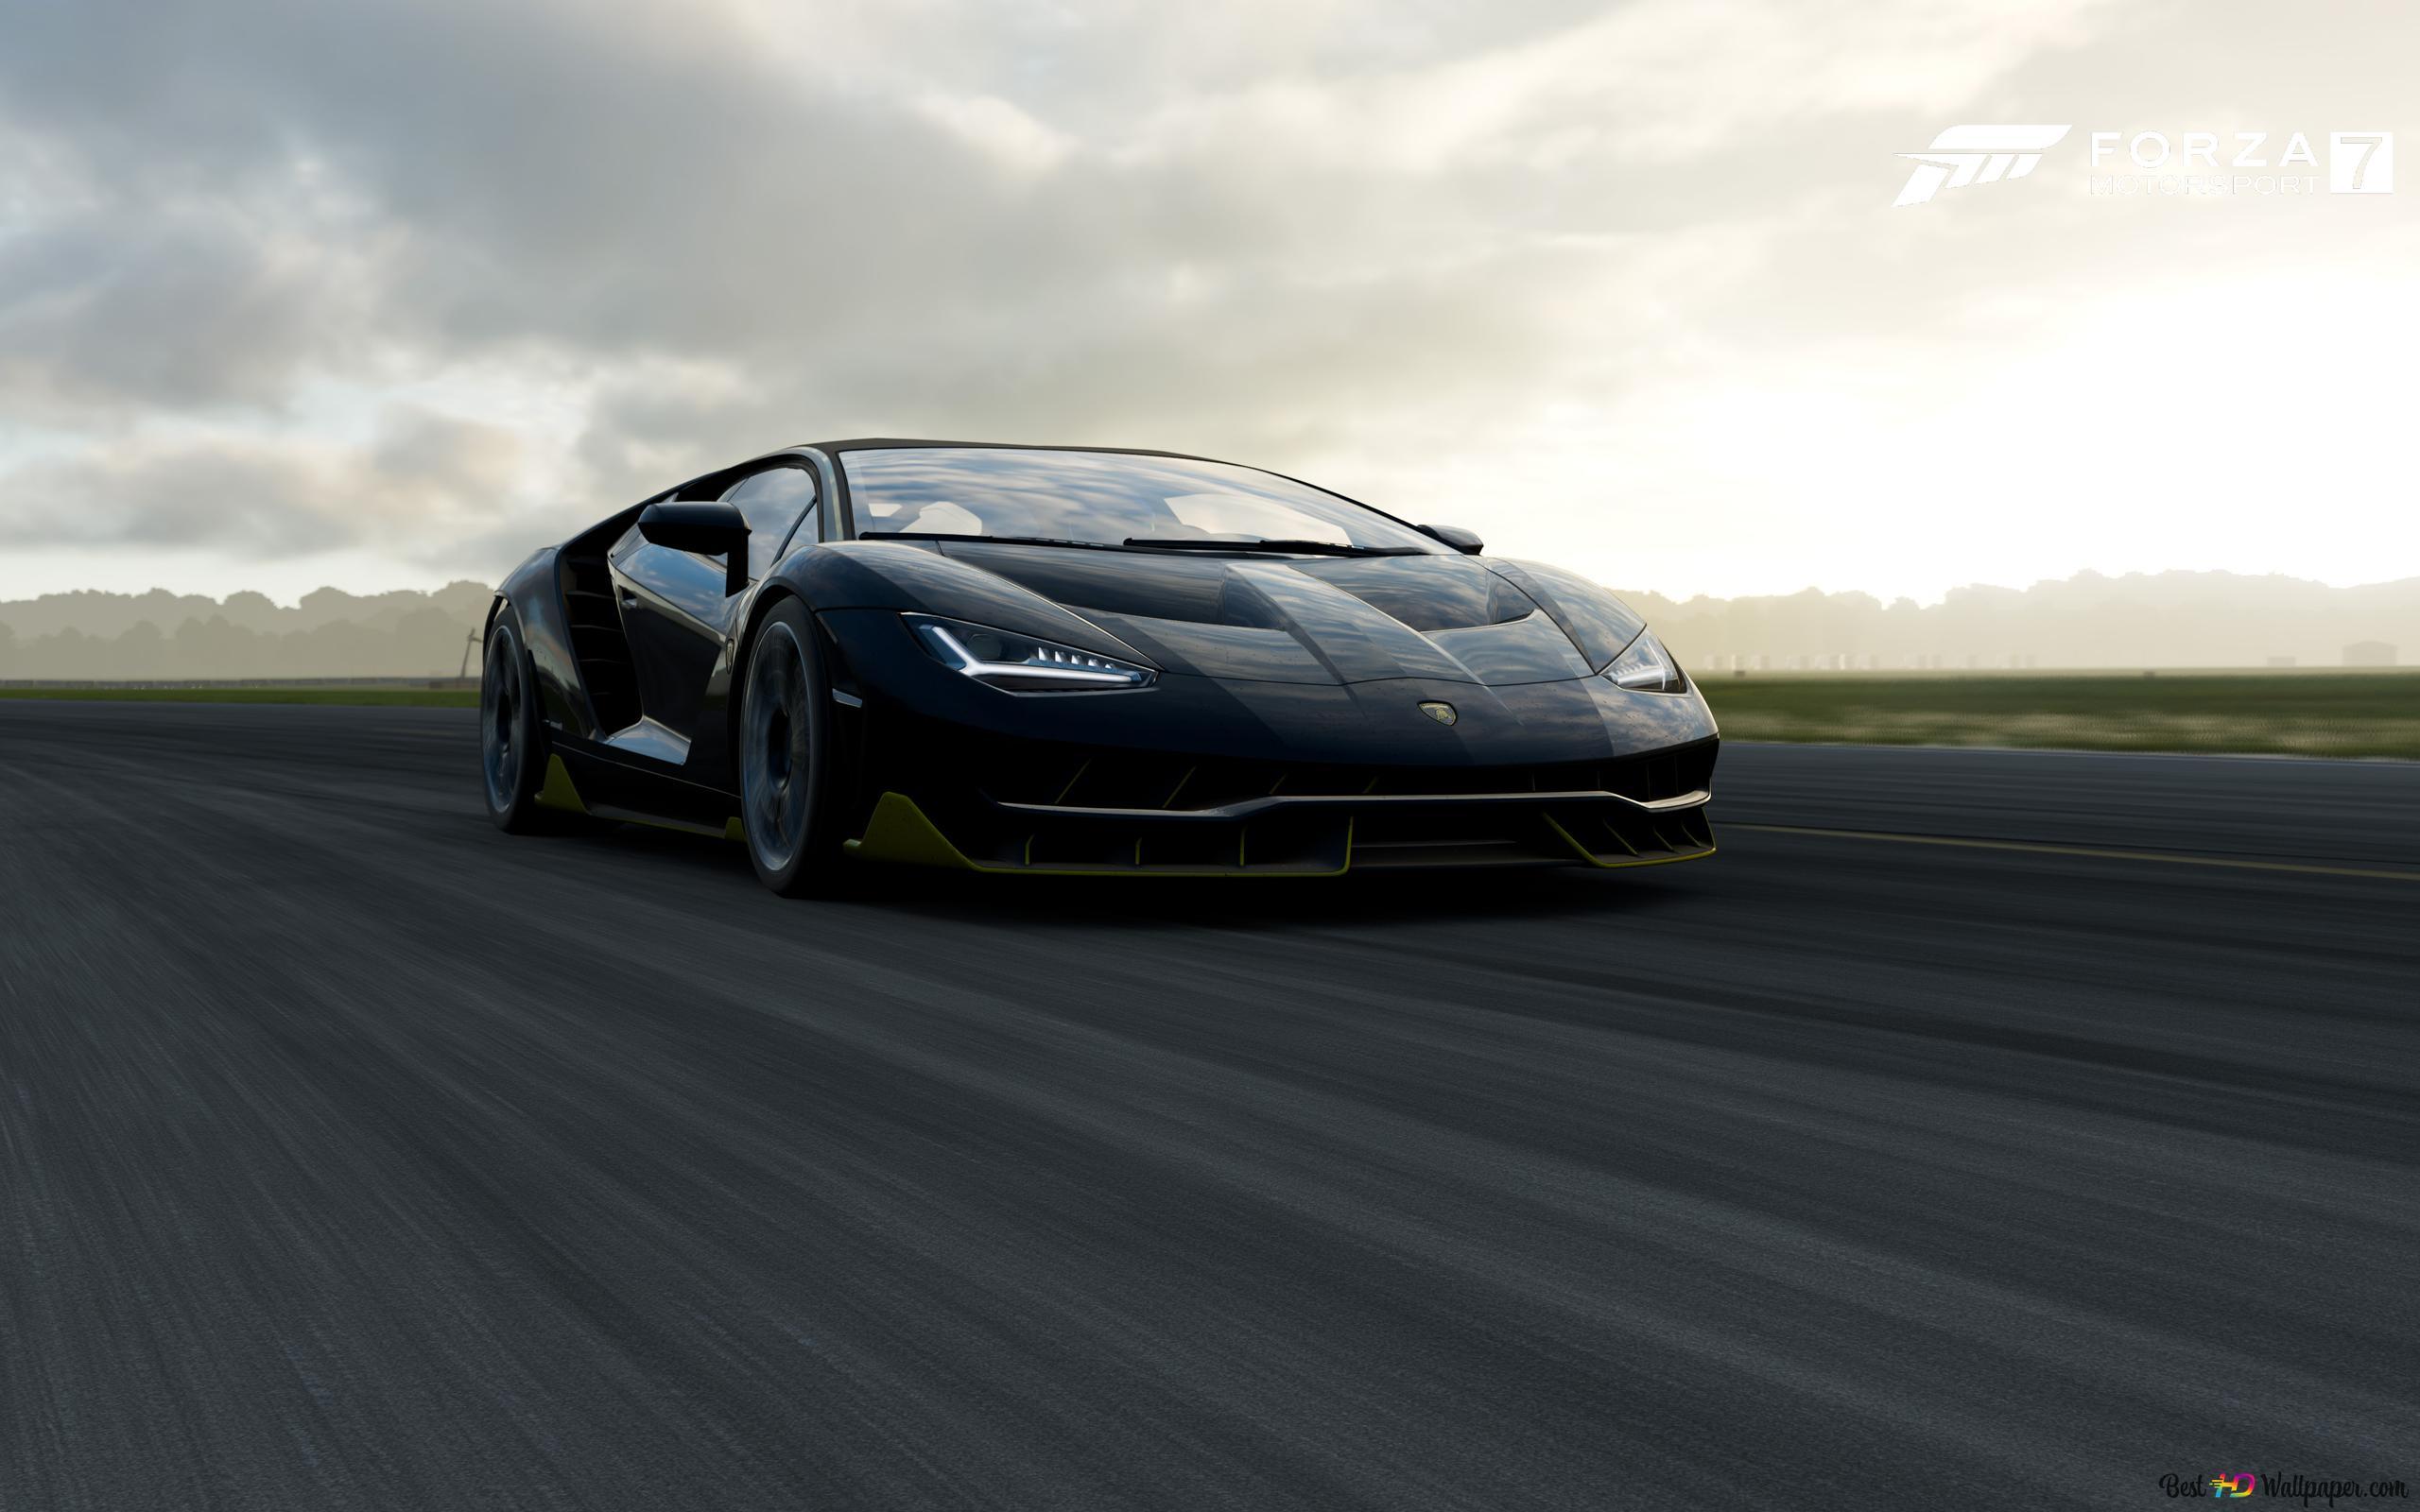 Forza Motorsport 7 Lamborghini Centenario Hd Wallpaper Download